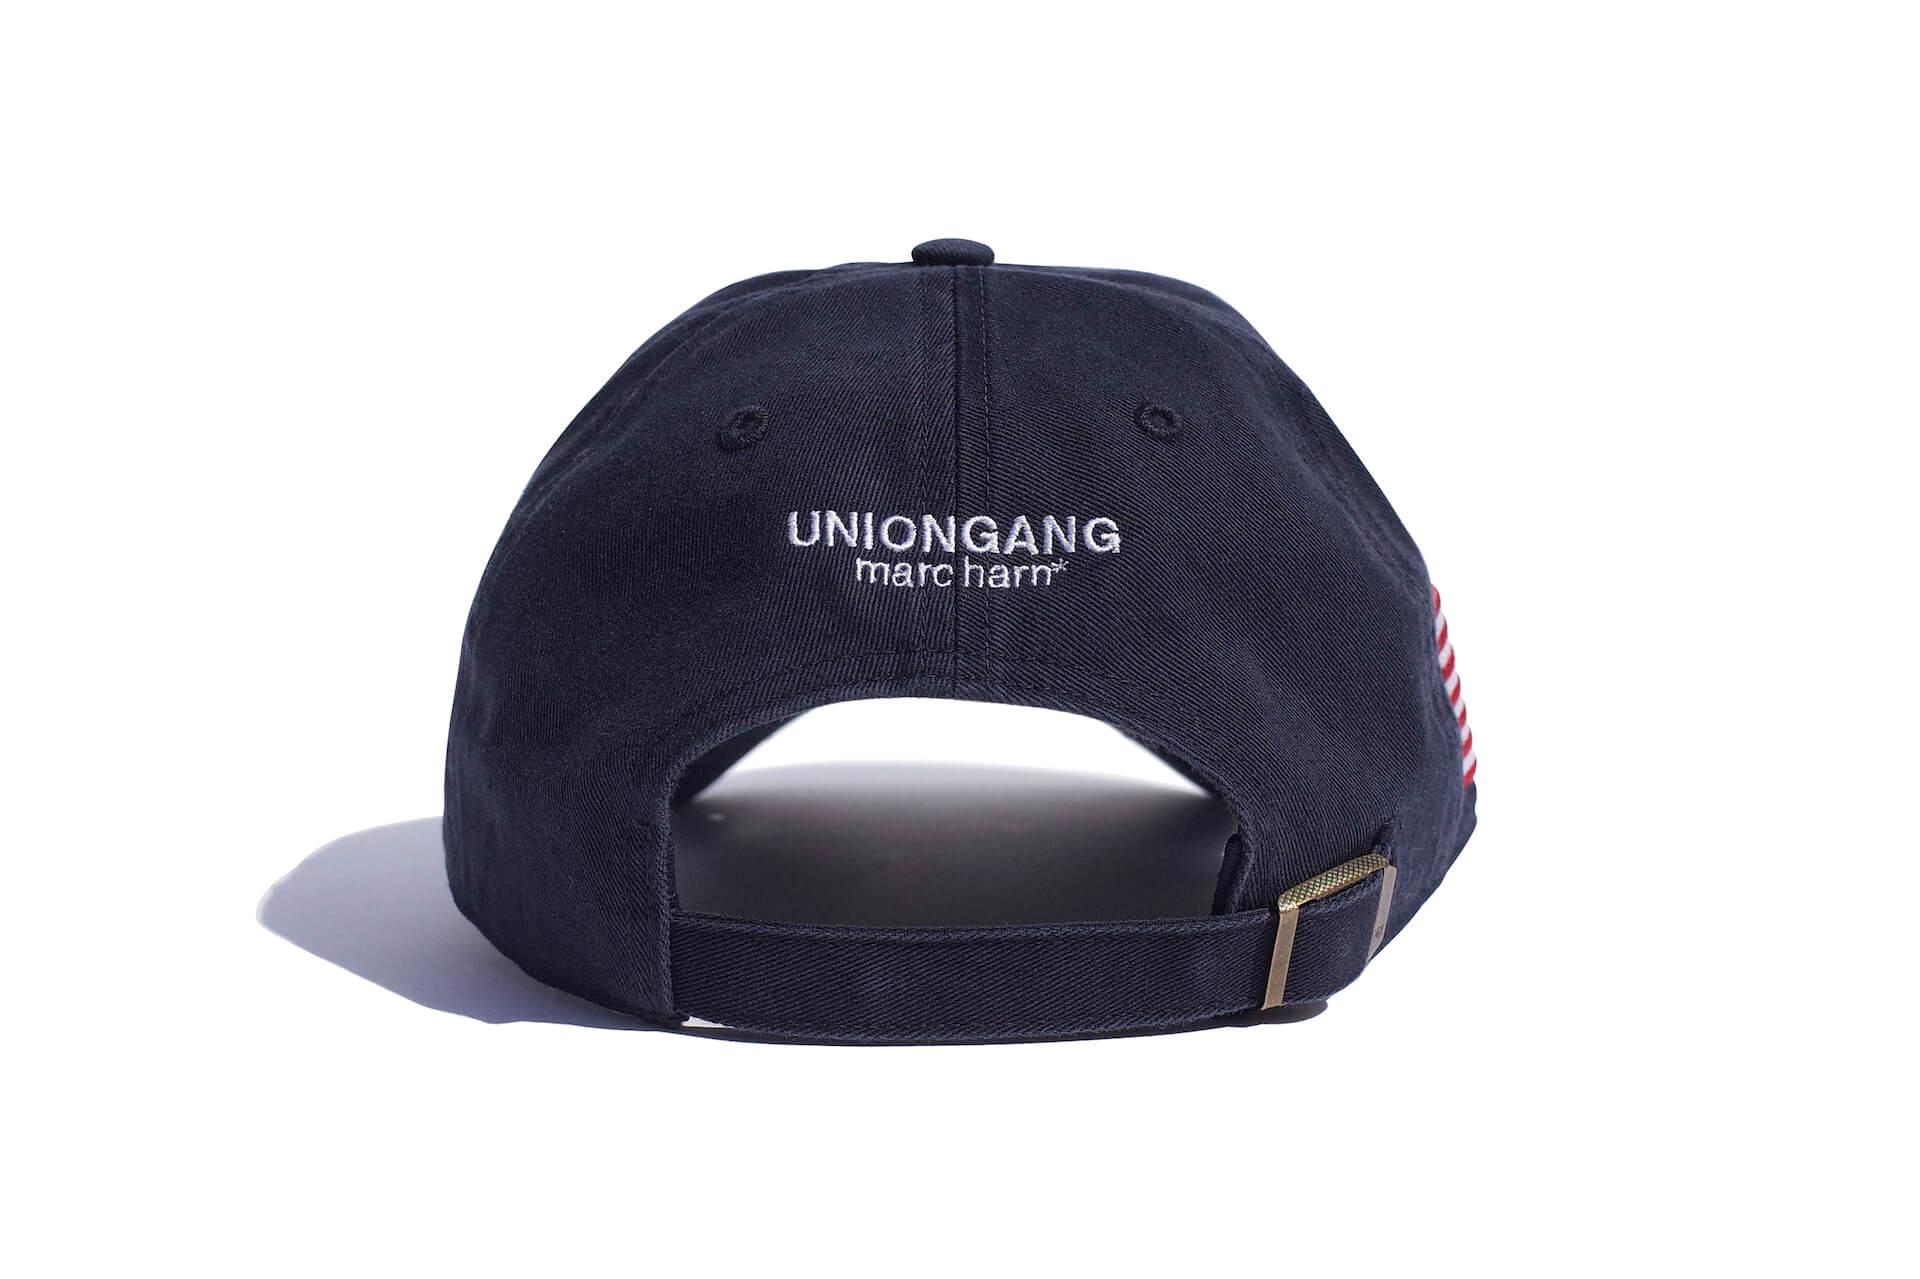 MARC HARNより架空国家「UNIONGANG」をコンセプトにした新コレクションが登場! life210608_marcharn_4